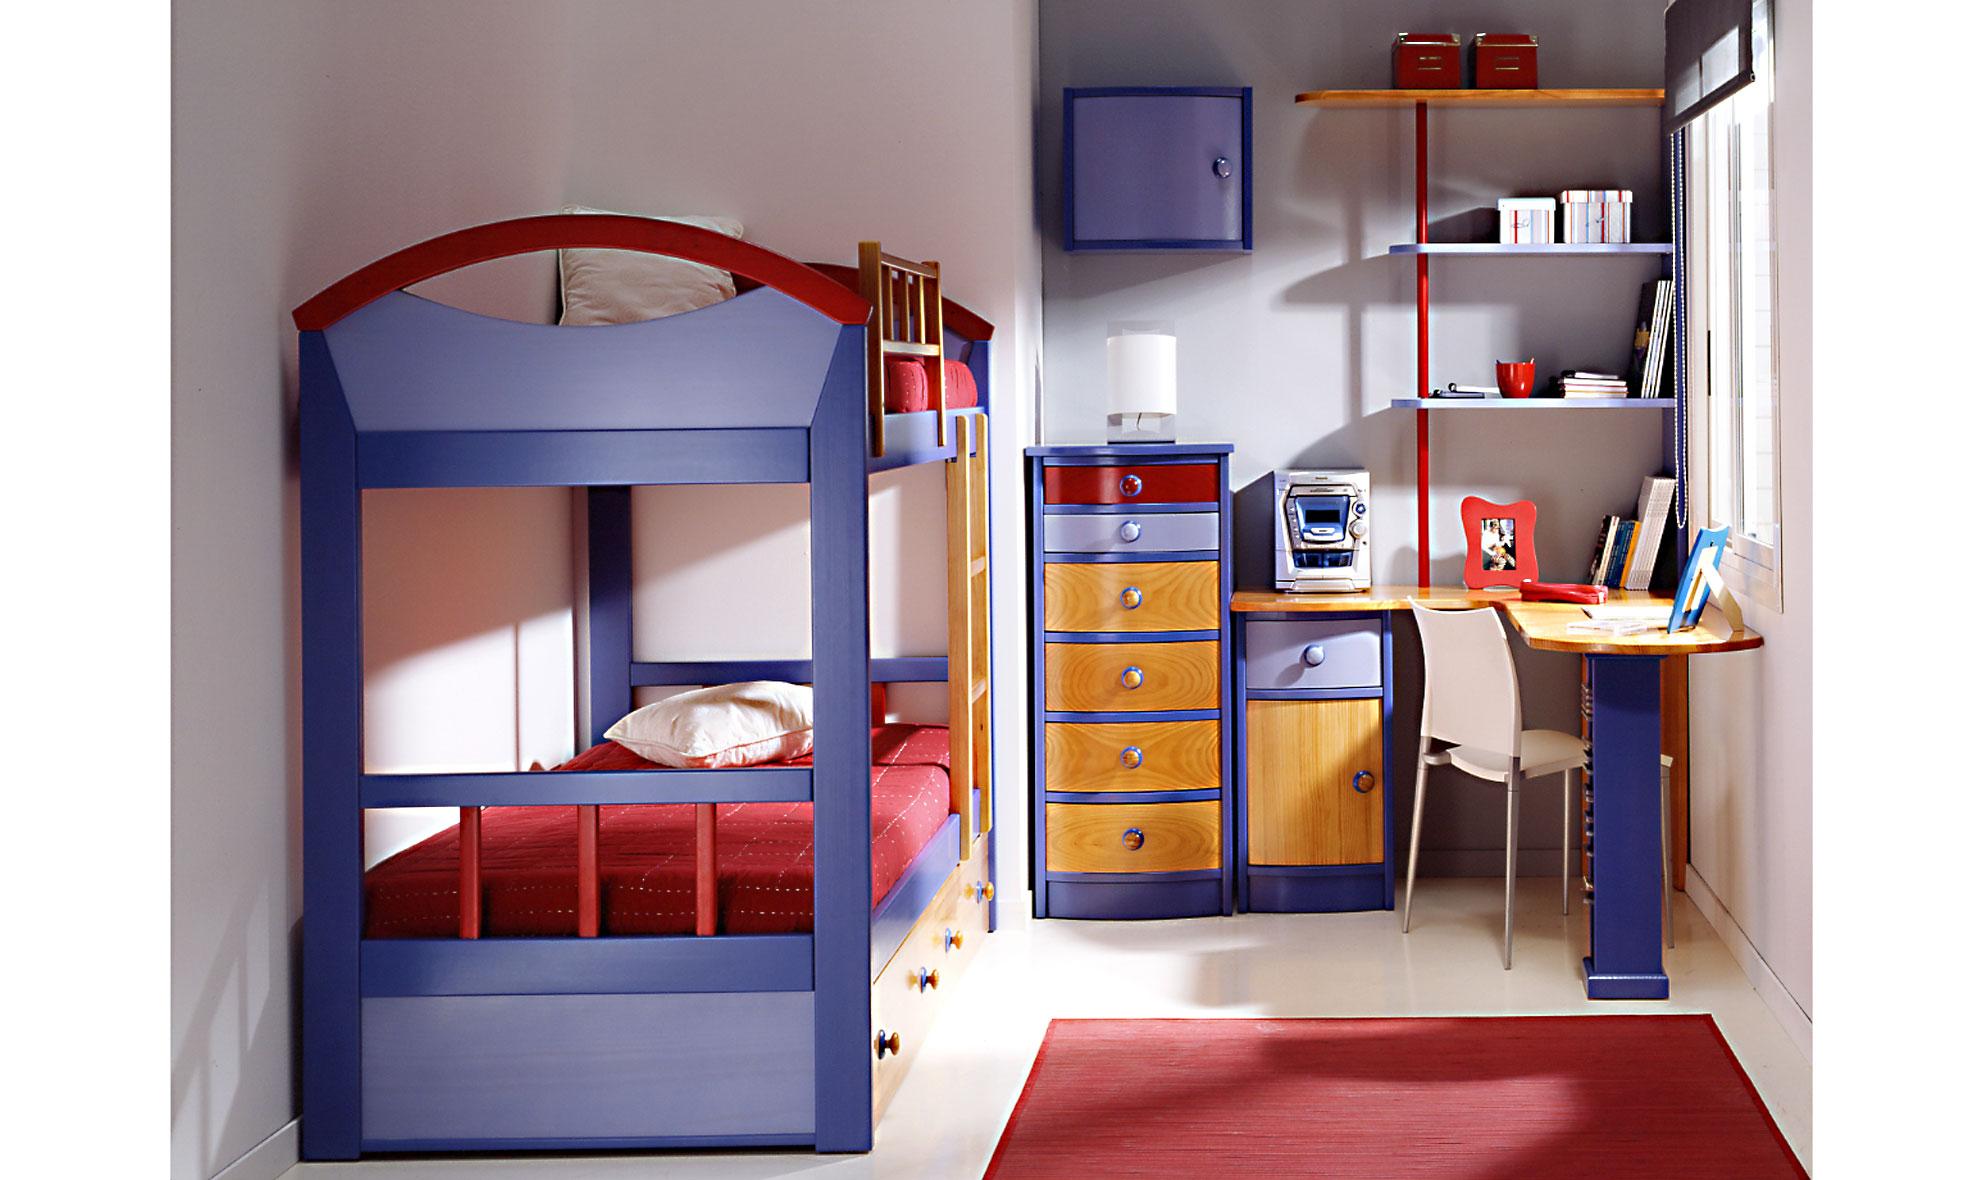 Dormitorio infantil mikey en - Muebles dormitorios infantiles ...